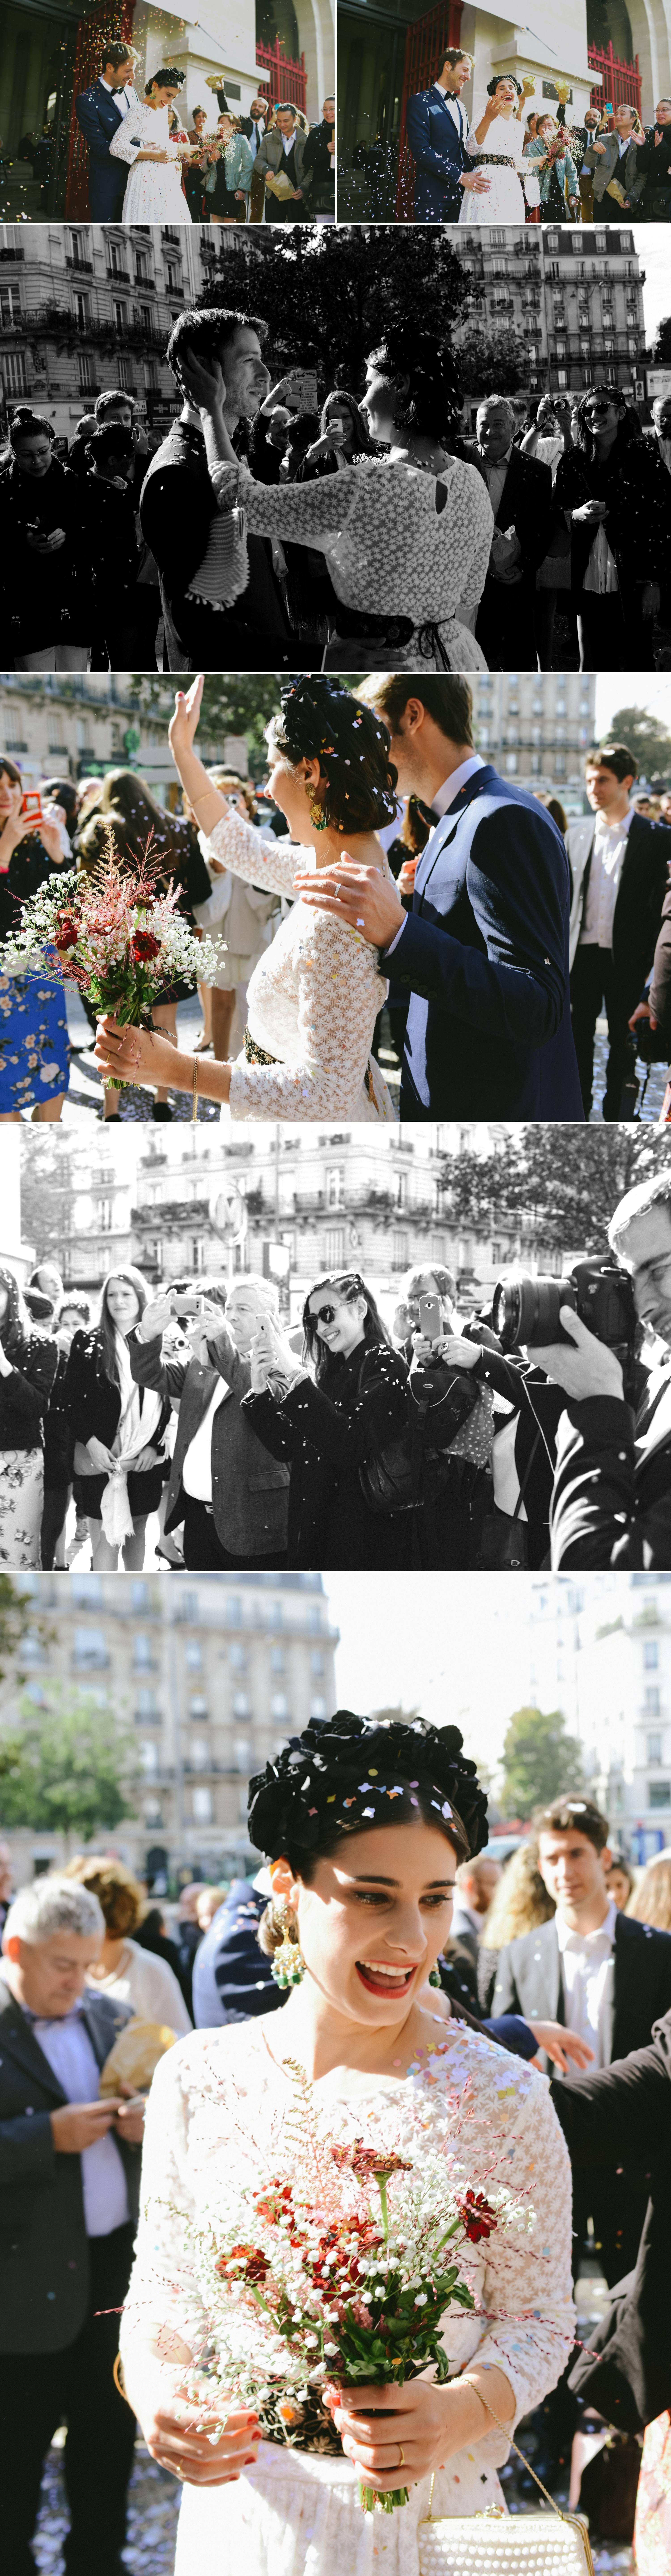 photographe-mariage-enclos-monptlaisir-paris-bordeaux 18